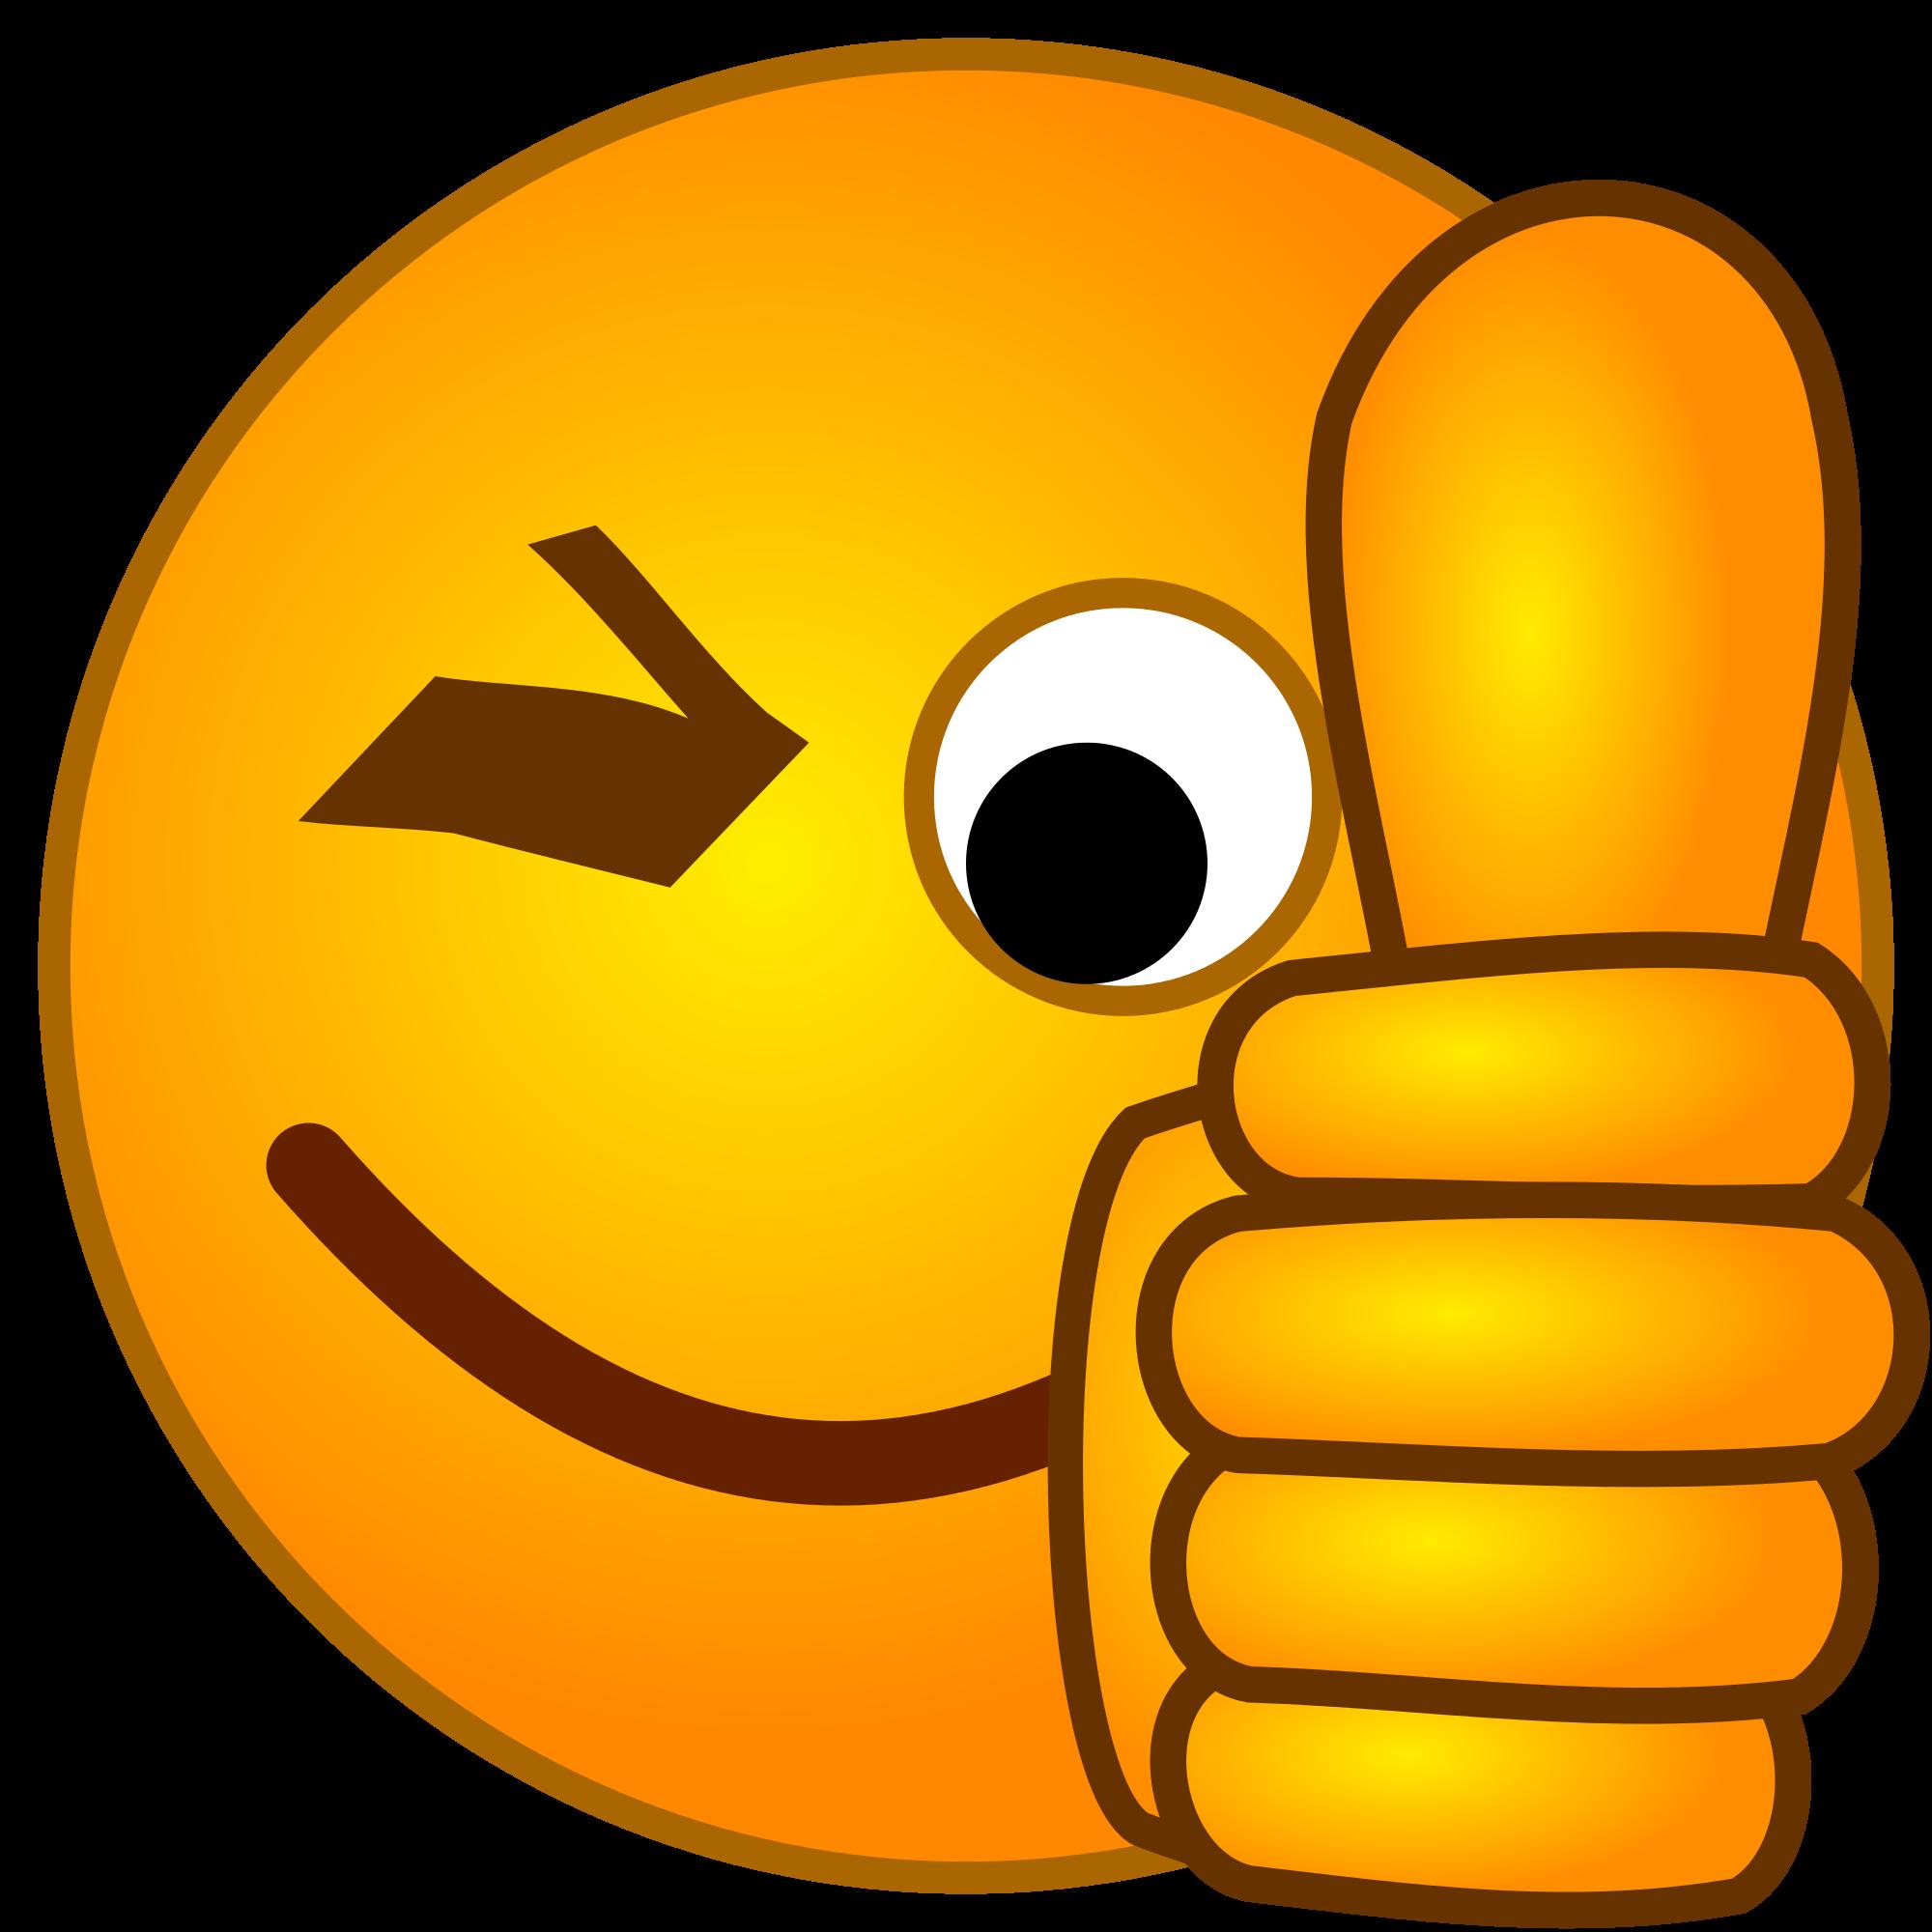 Emoji mit Daumen hoch